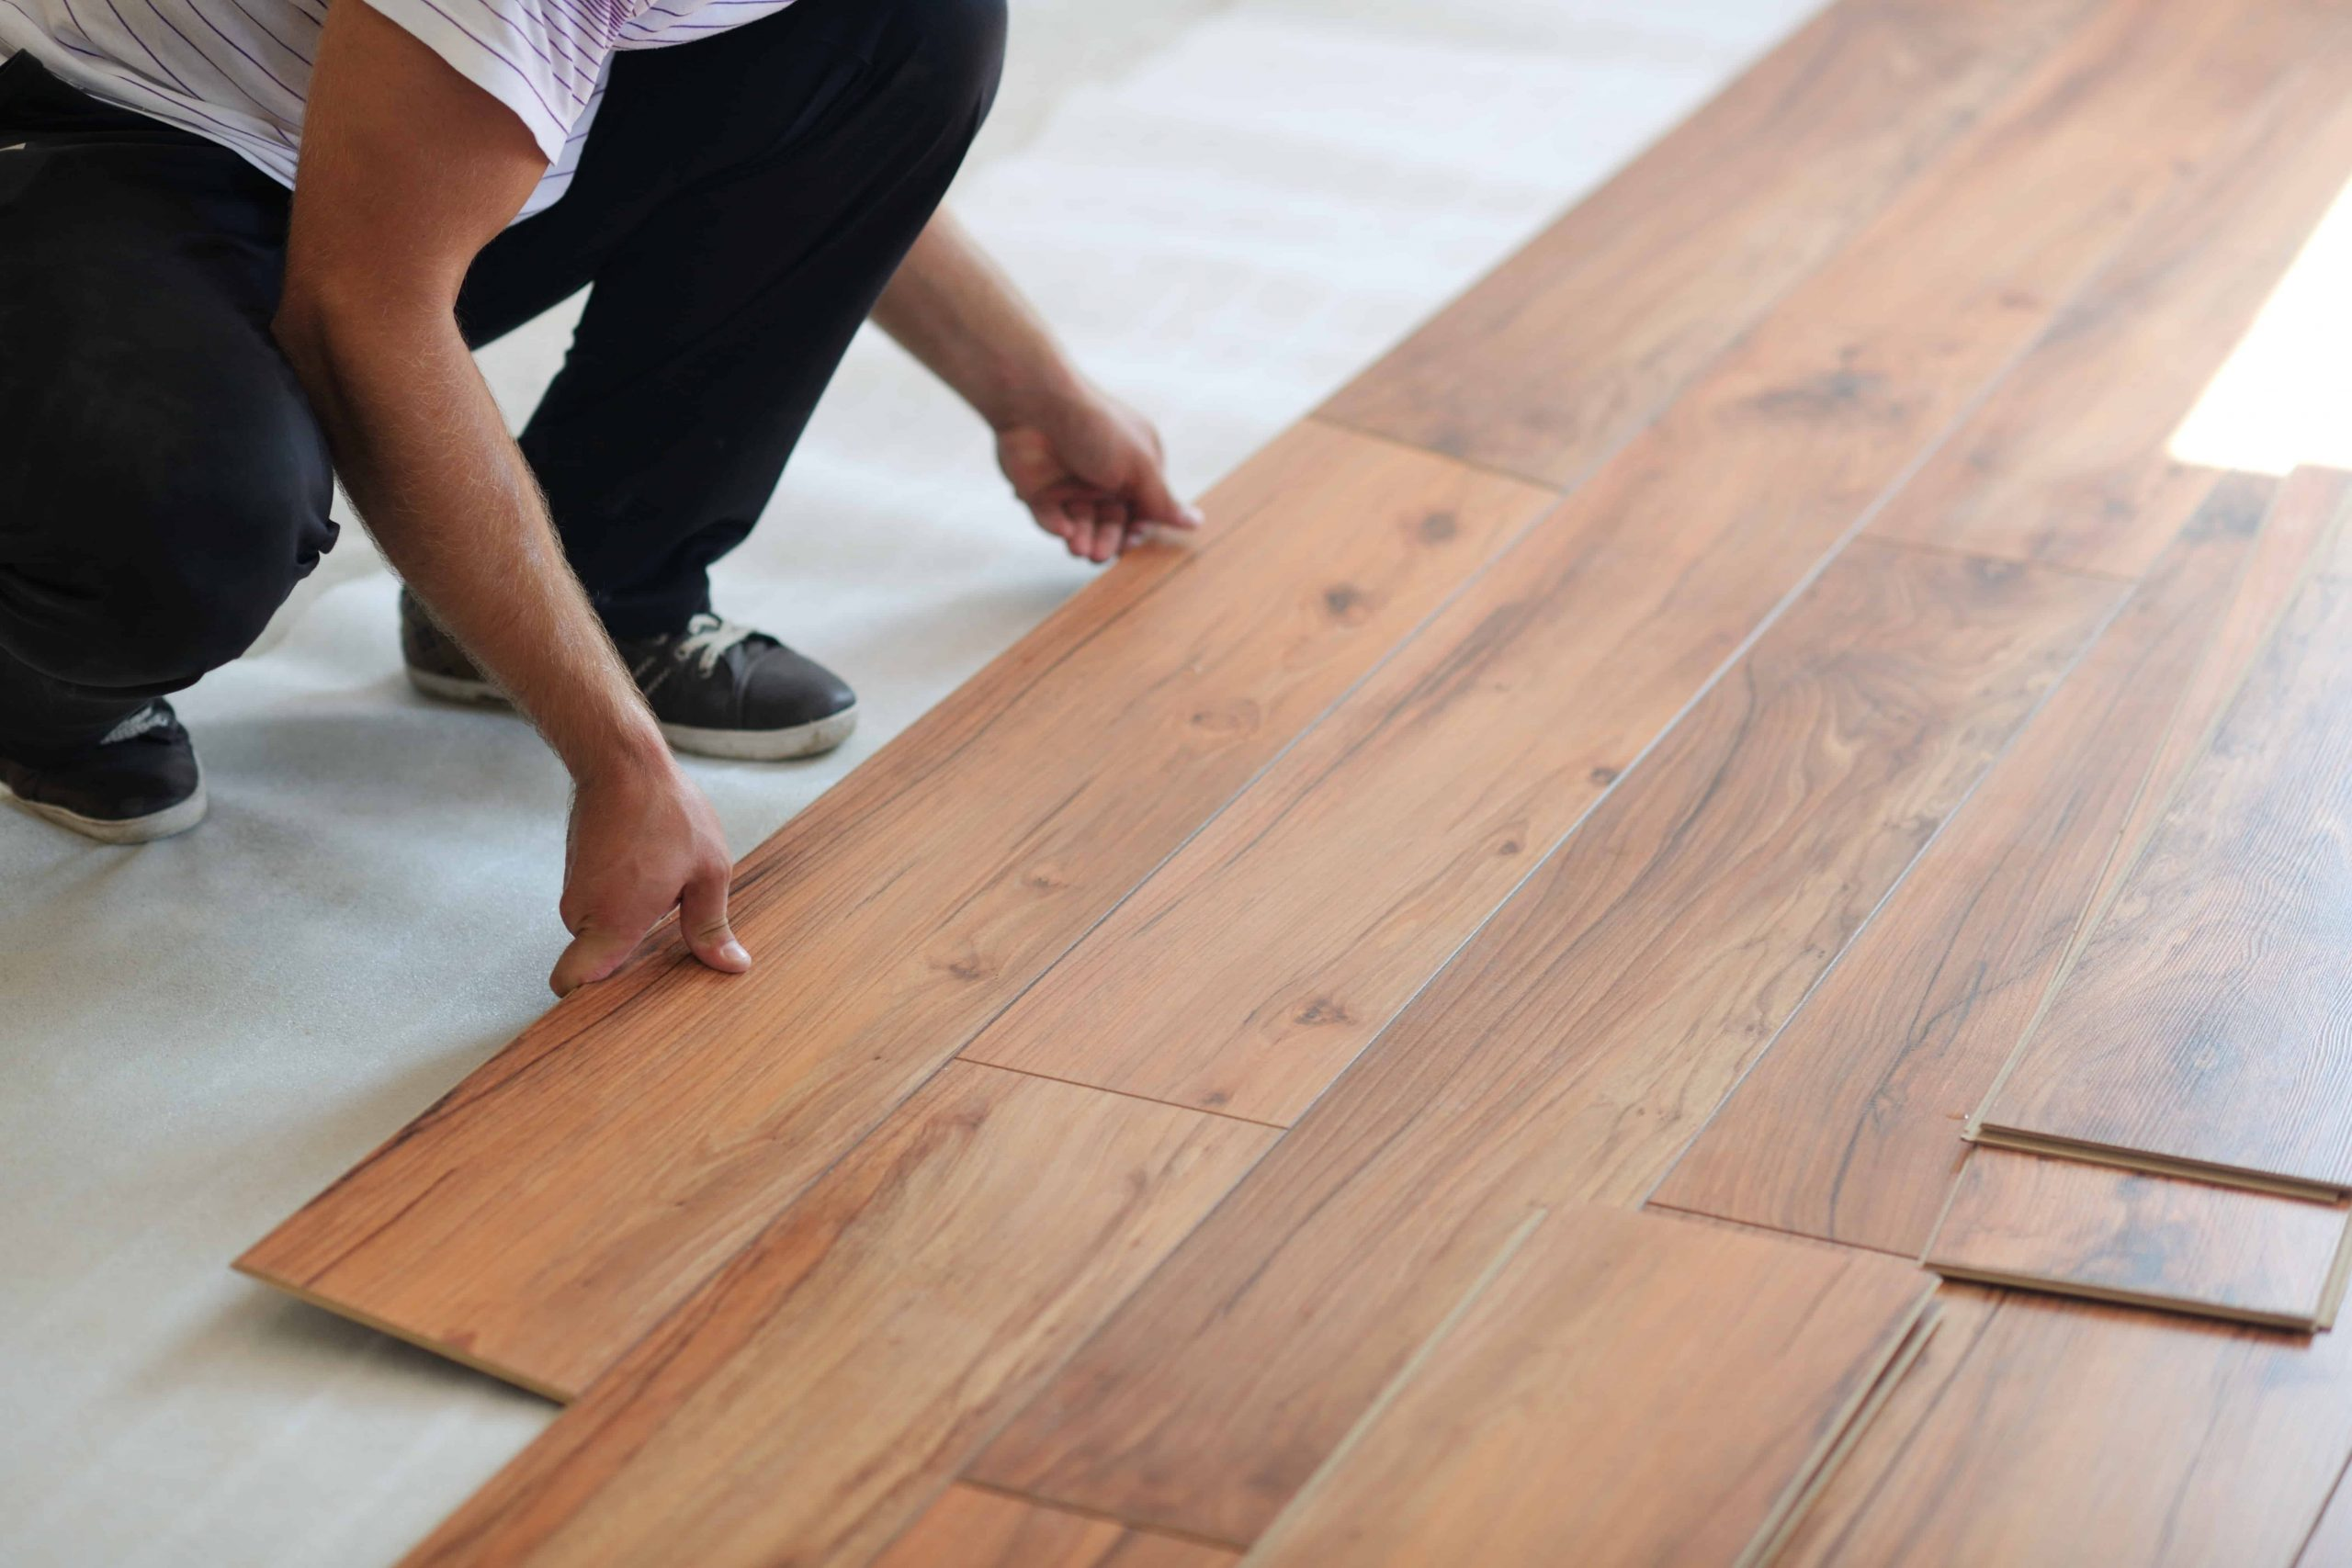 Fußbodenbelag: Test & Empfehlungen (07/20)